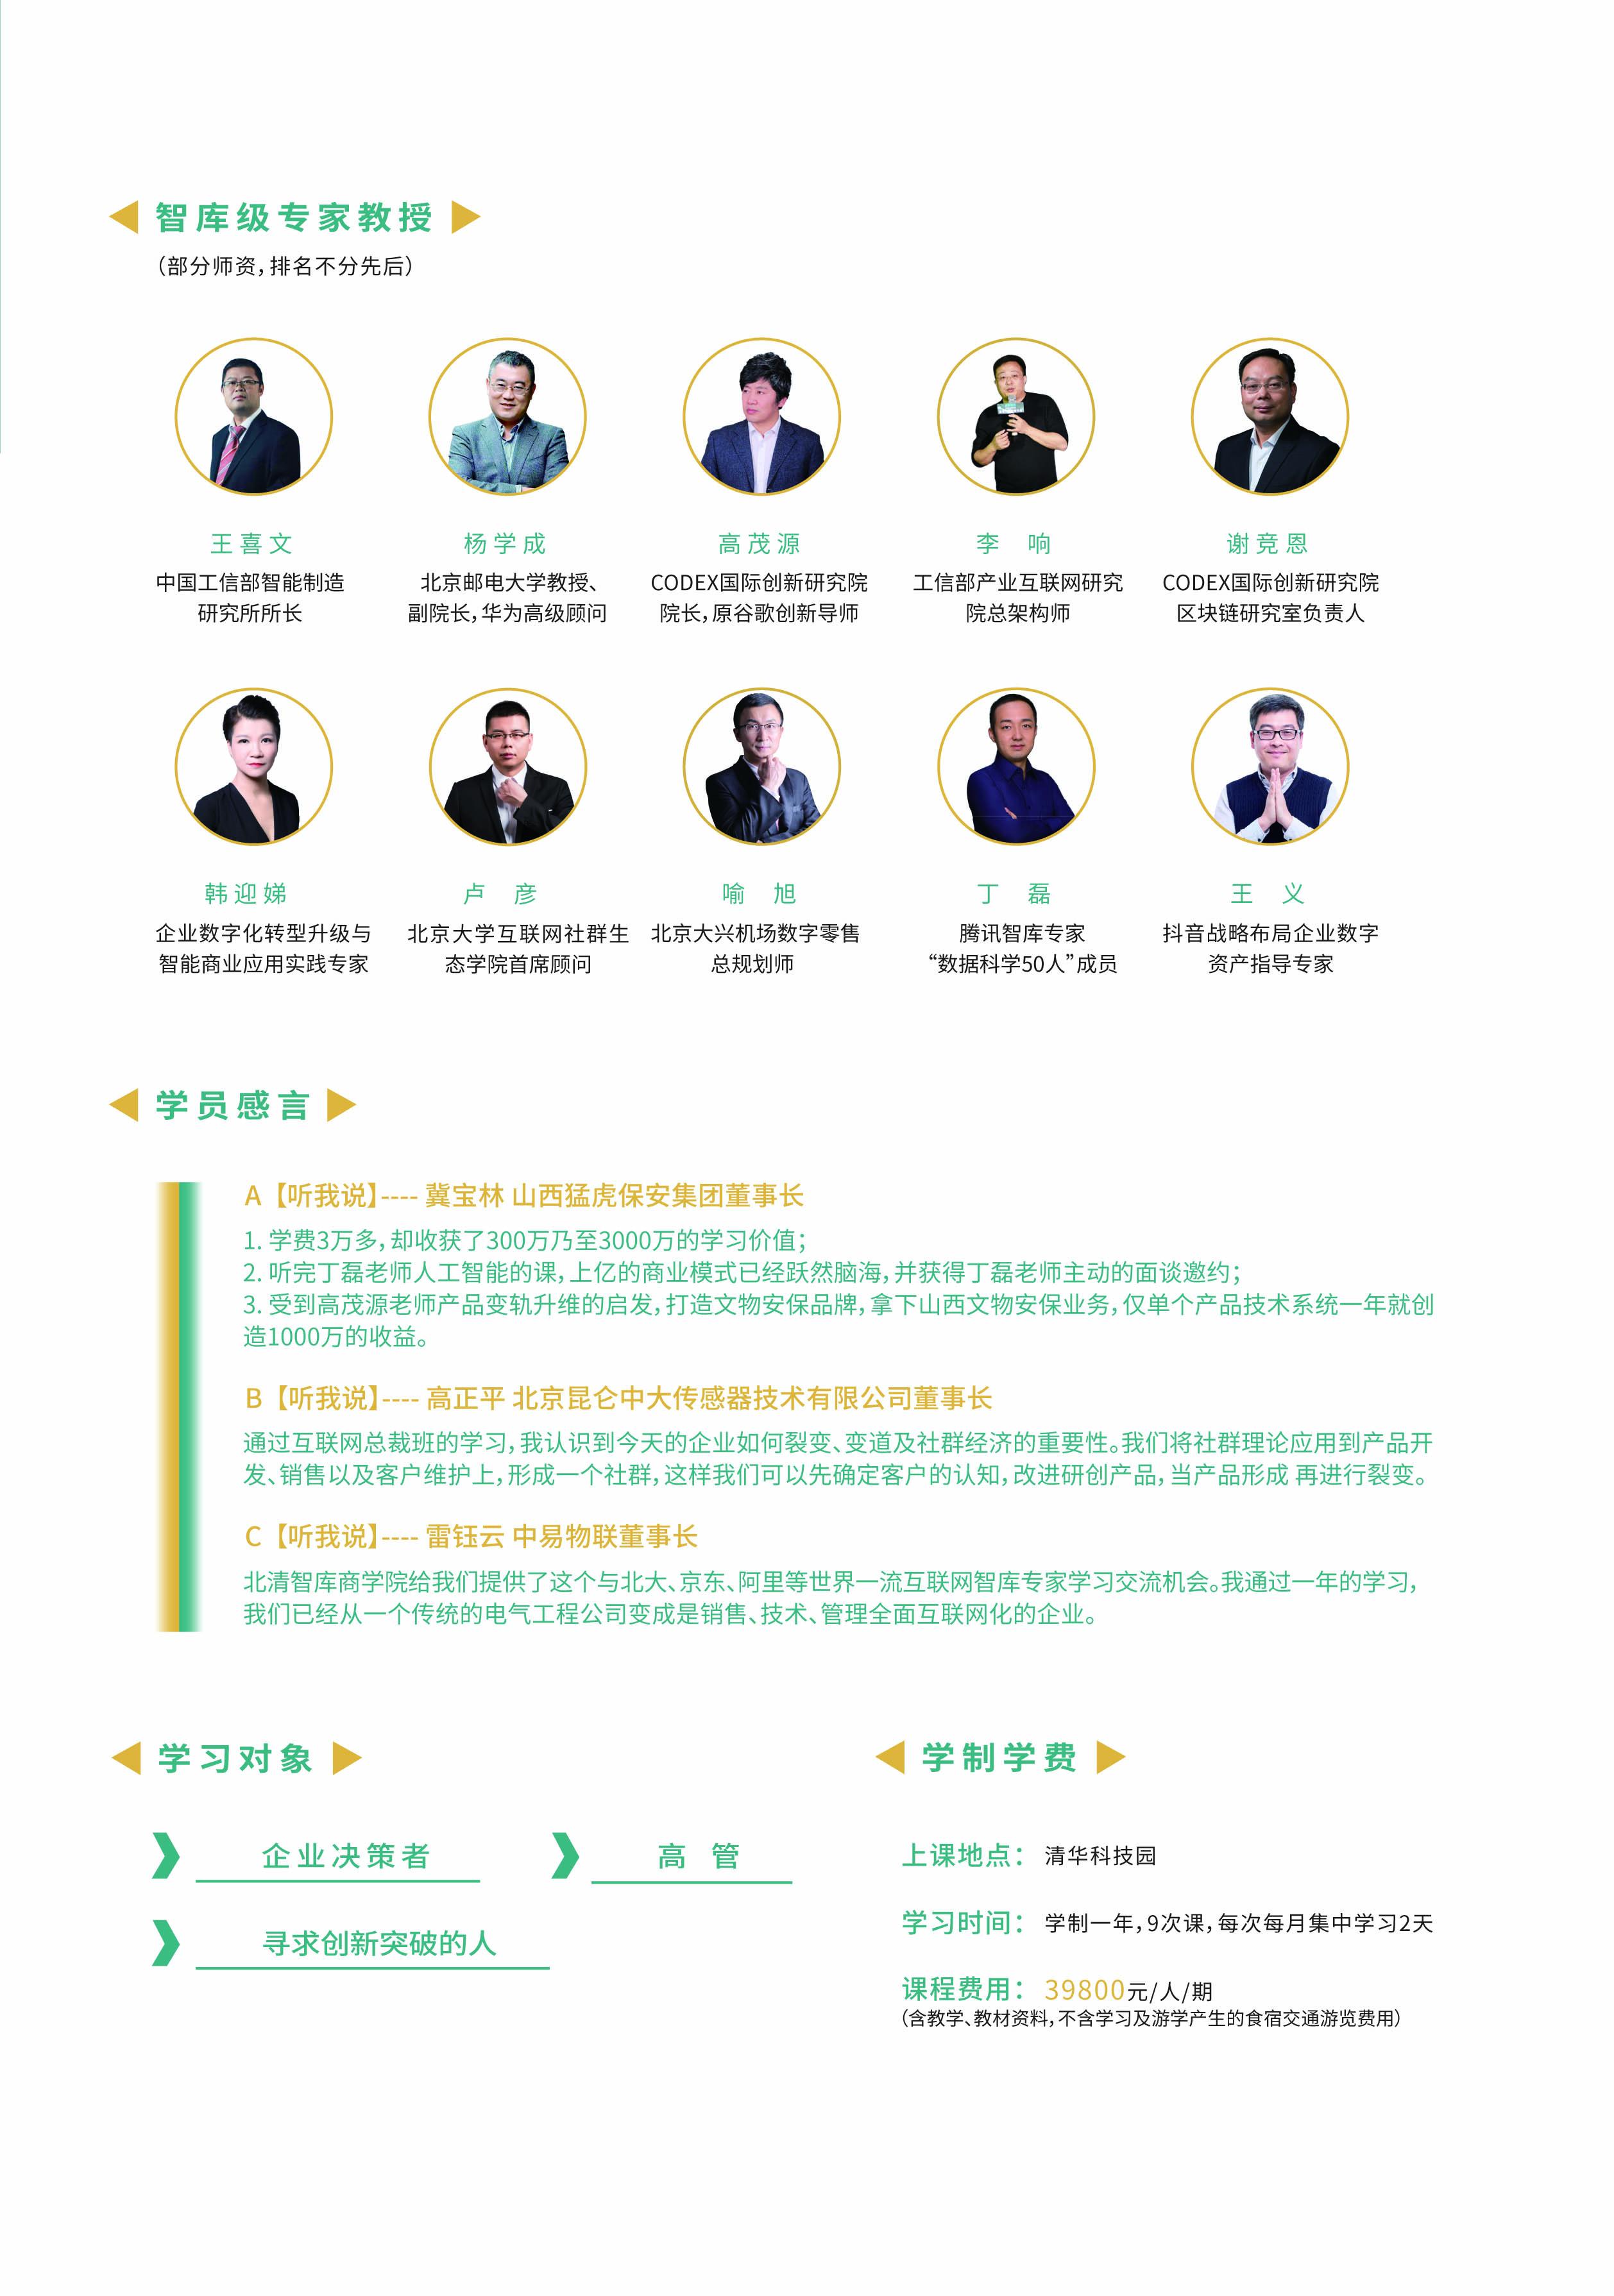 新讲义内页-2.jpg